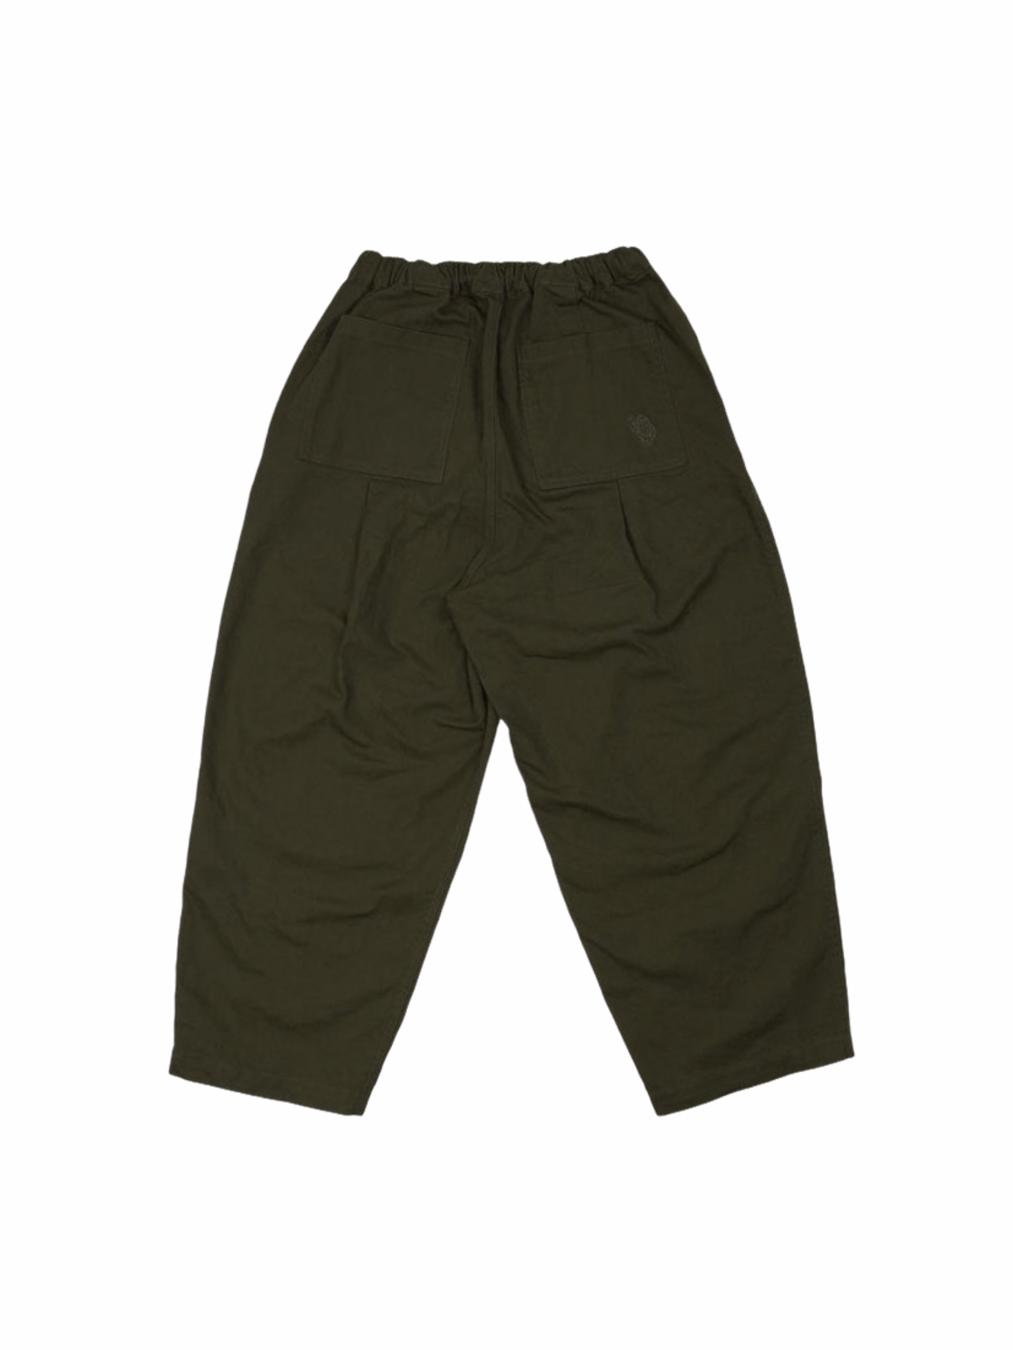 Twill Balloon Pants (Olive)